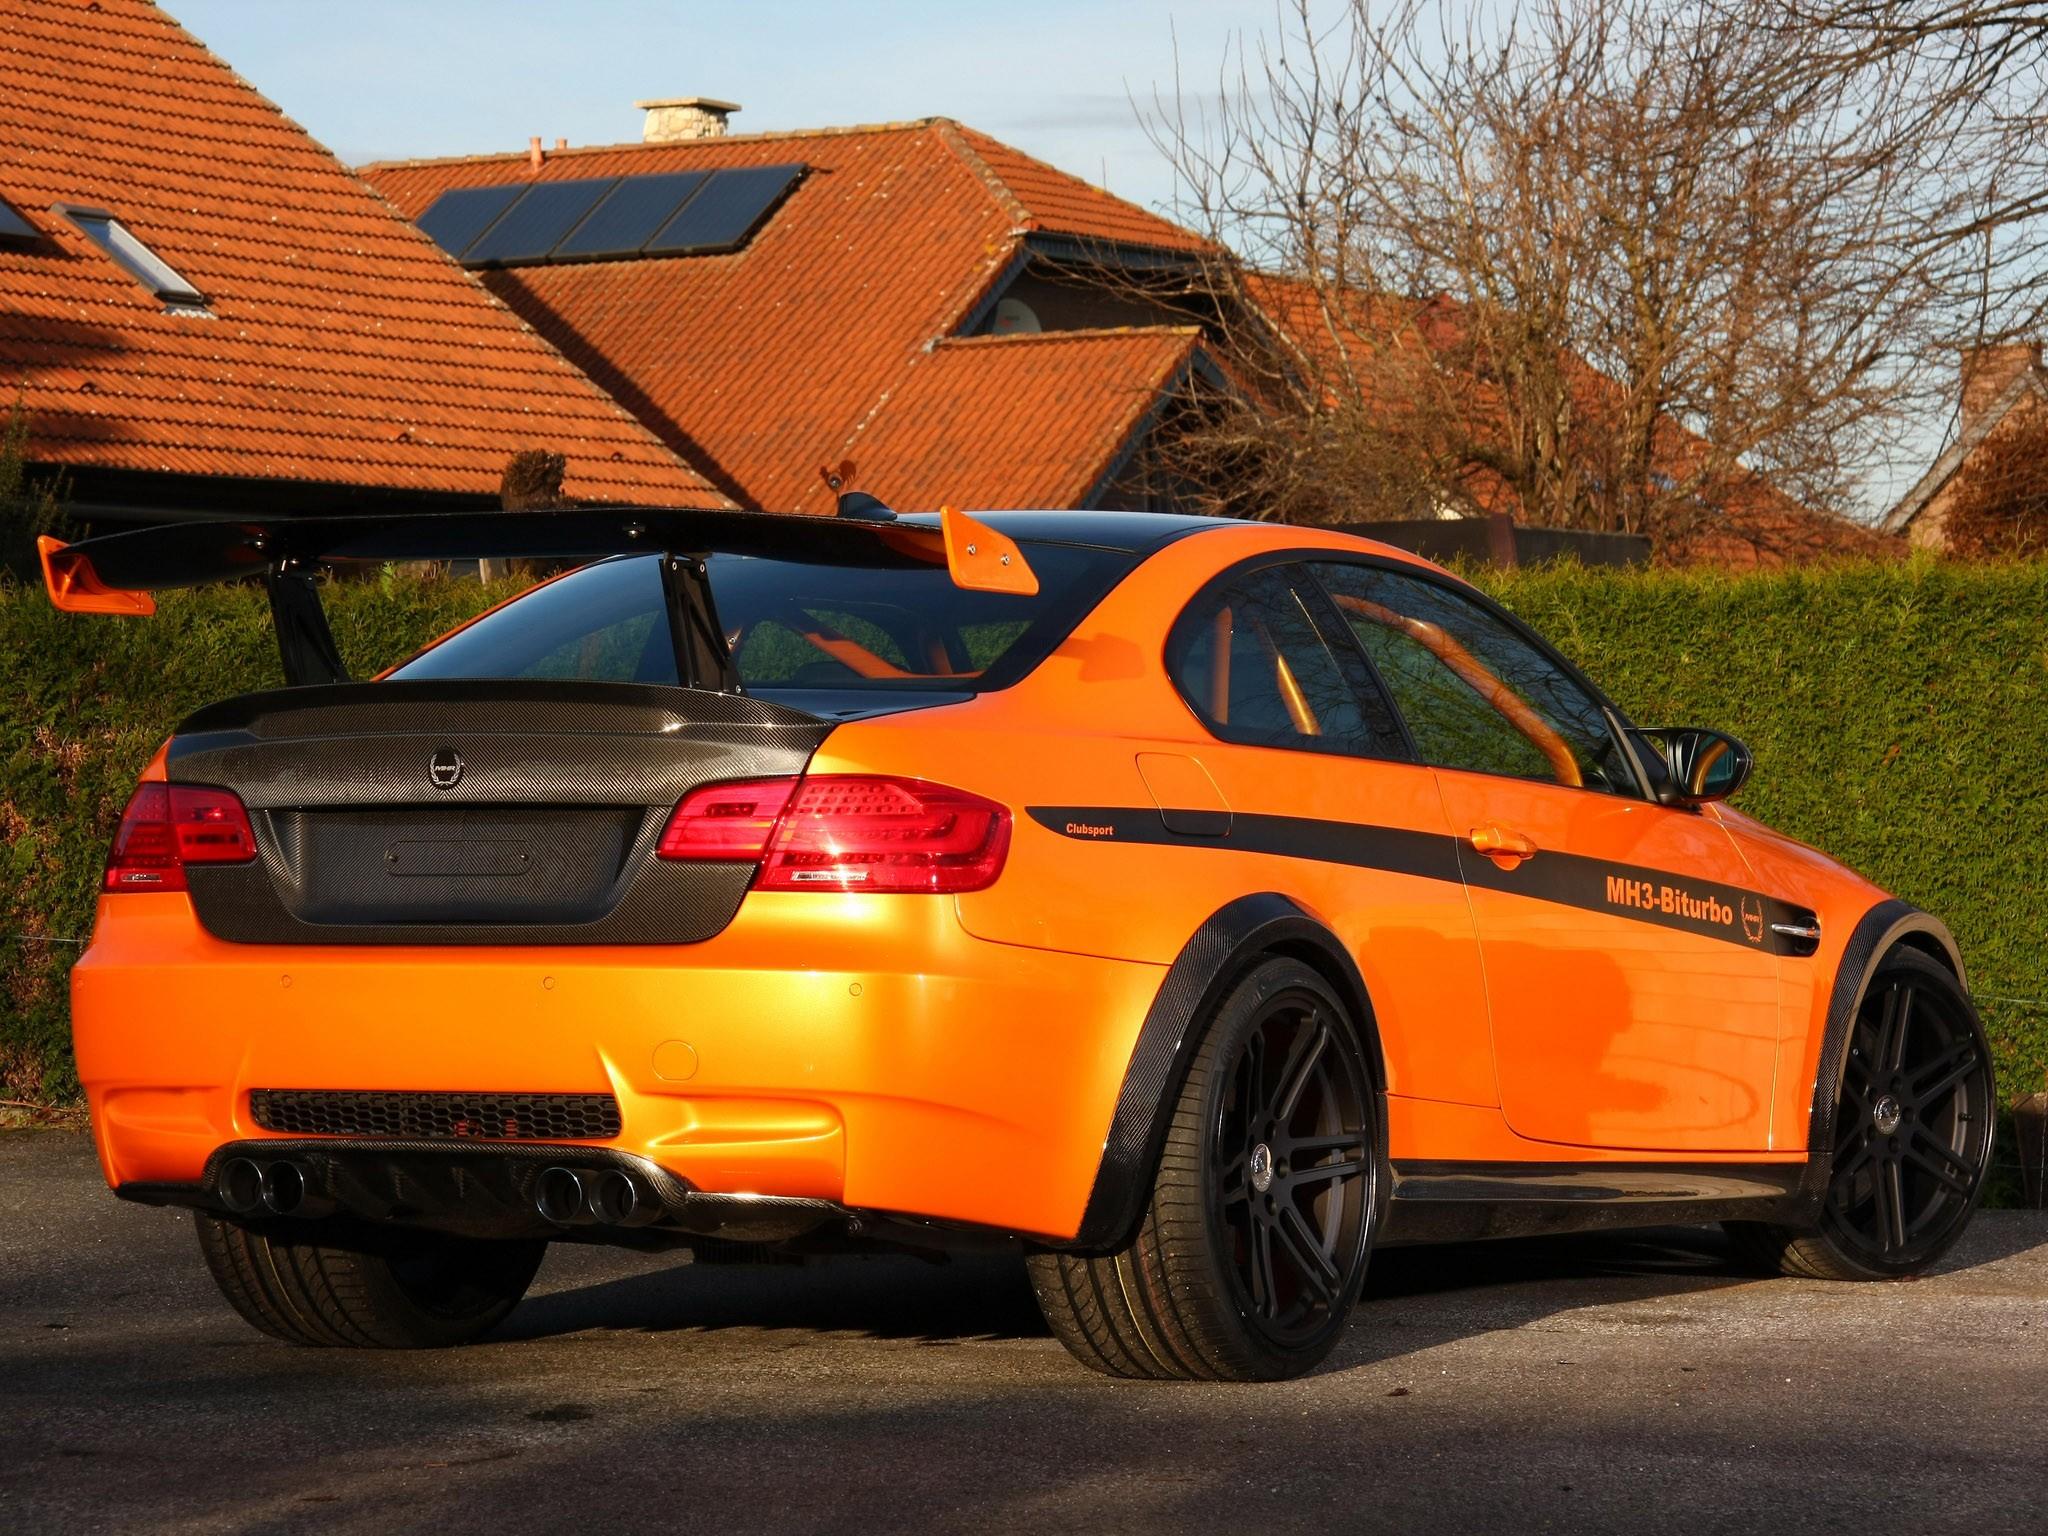 2011 Manhart - Bmw MH3 V8 RS Clubsport E92